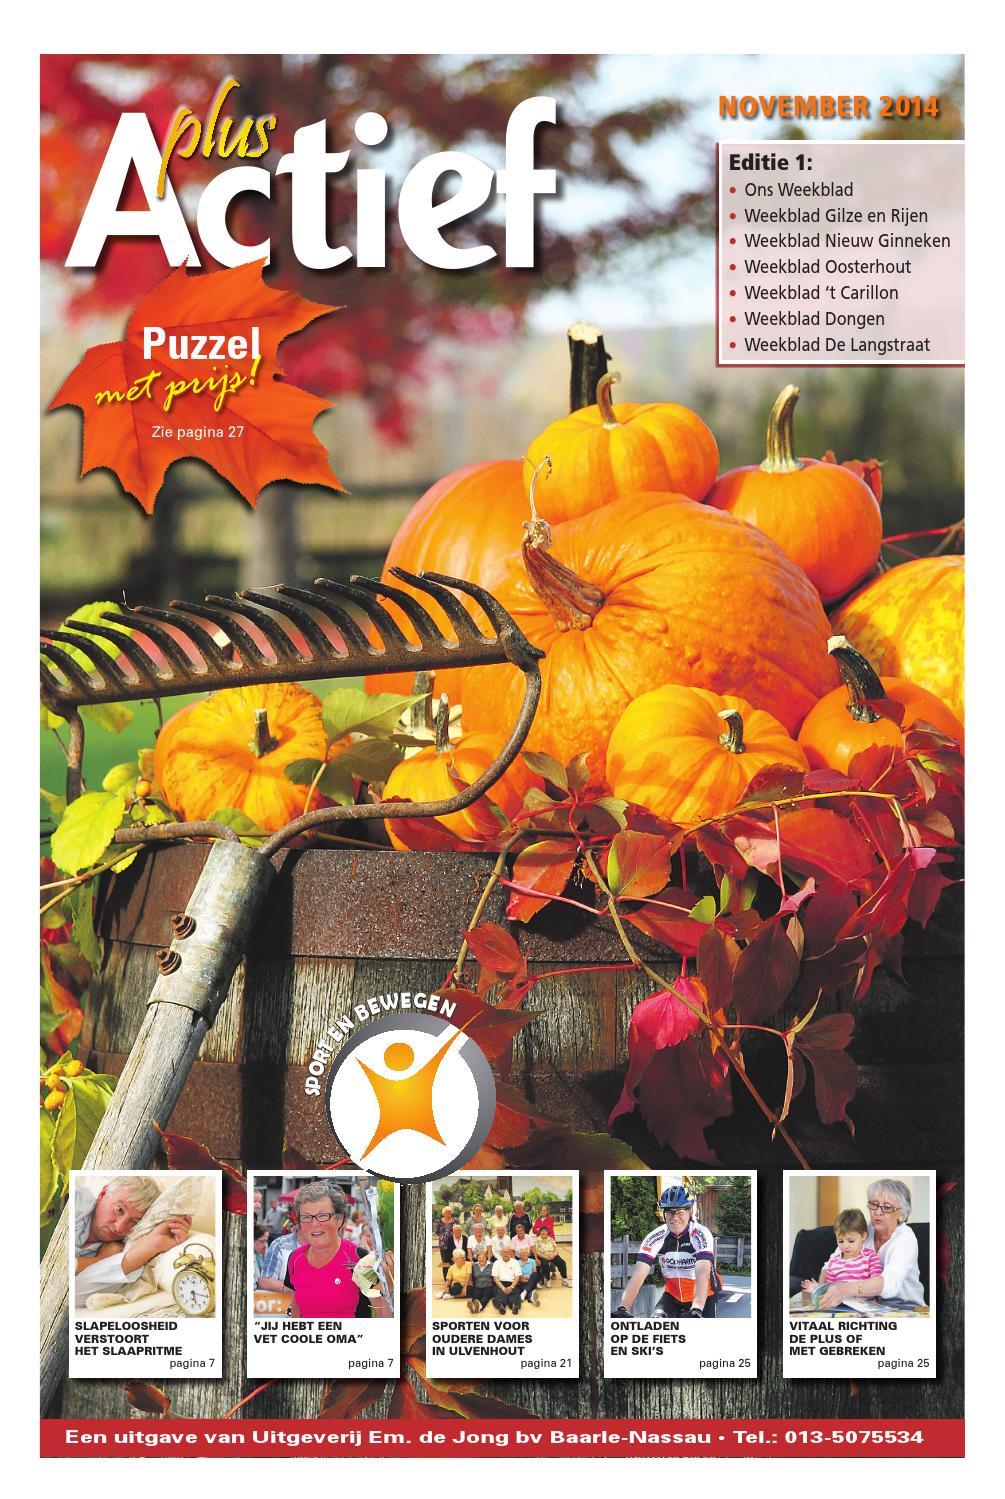 Actief plus najaar 2014 editie1 by uitgeverij em de jong for Nassau indus deur bv oosterhout